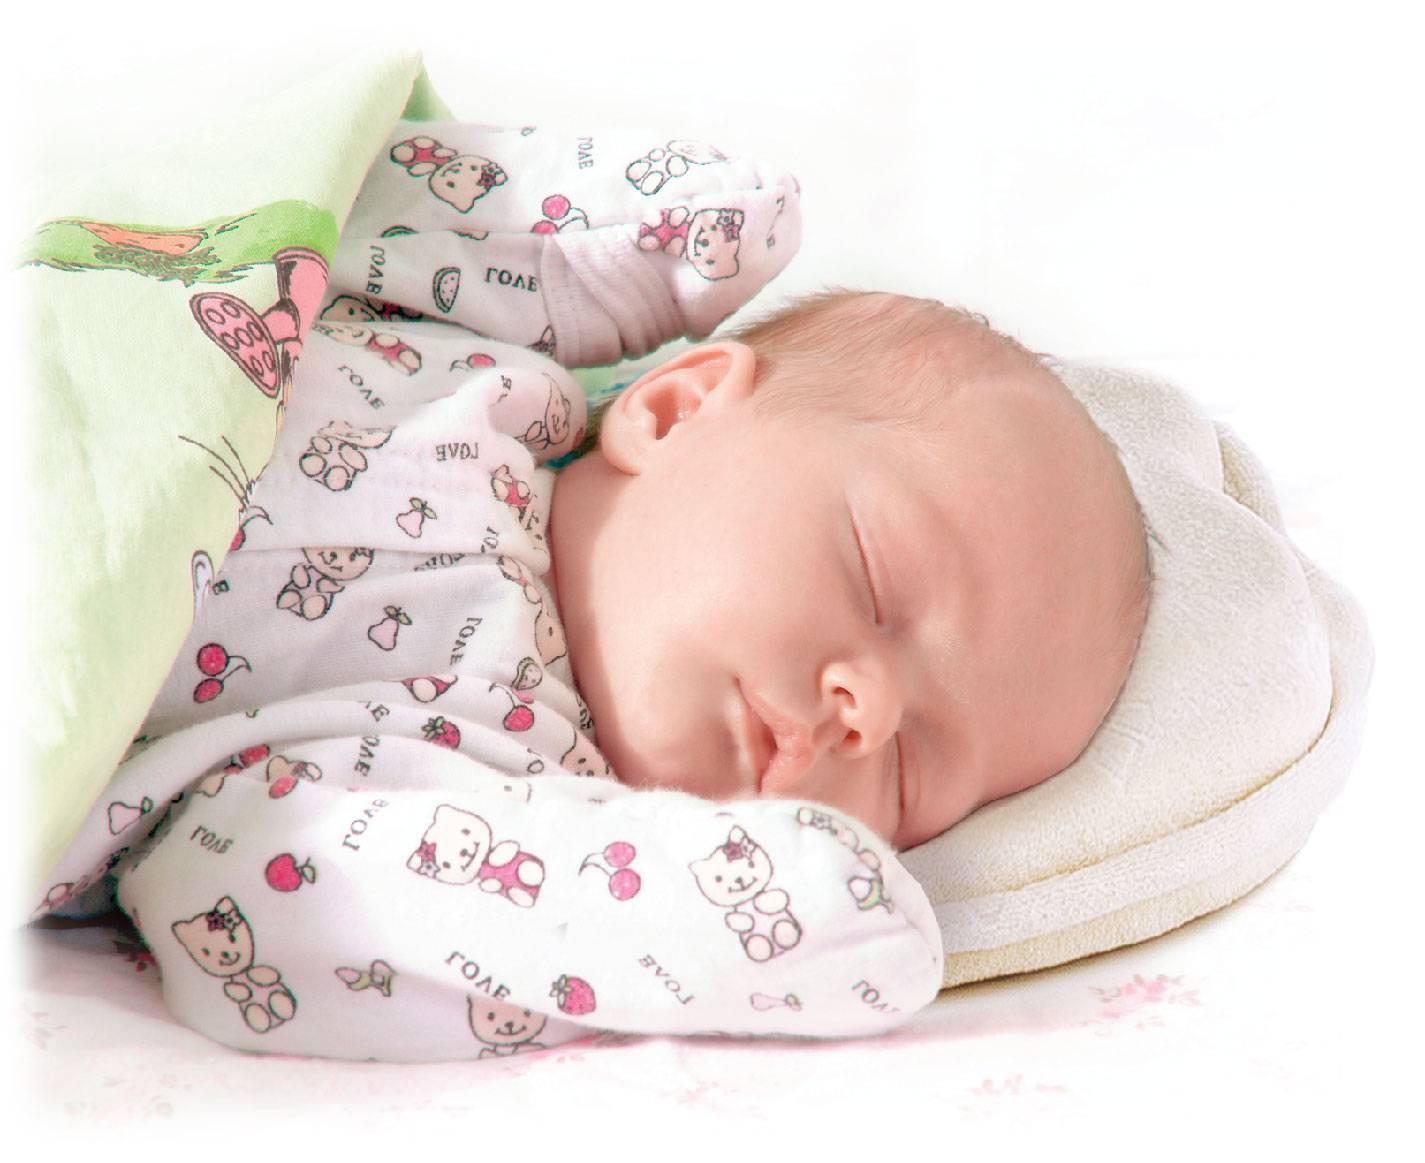 Малыш в 2 месяца: что нужно знать родителям